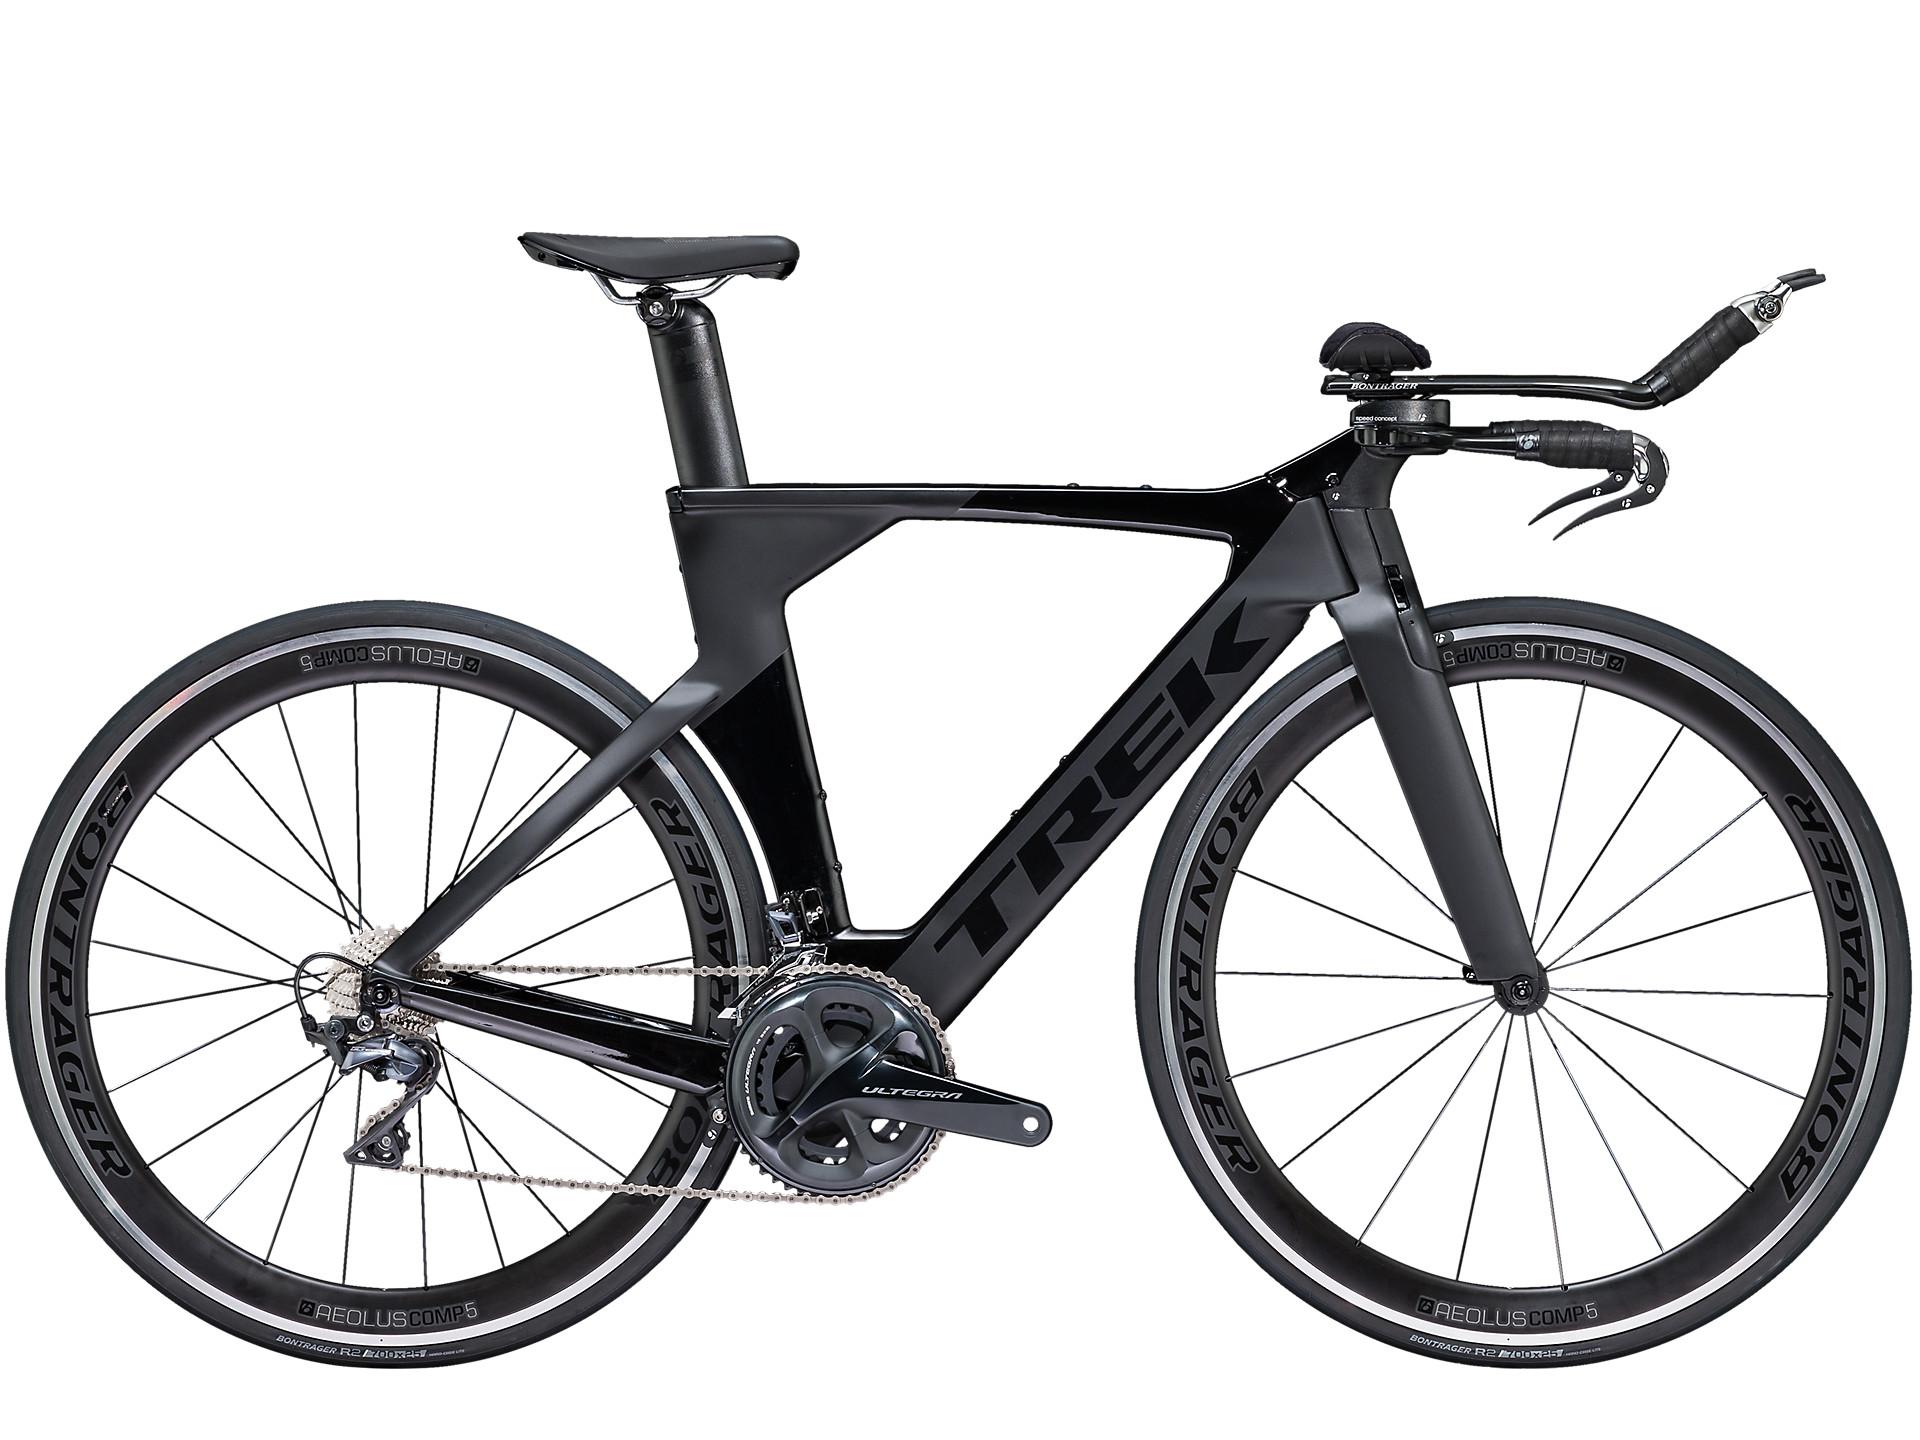 01e4a8a352f Bicicletas de triatlón | Trek Bikes (MX)